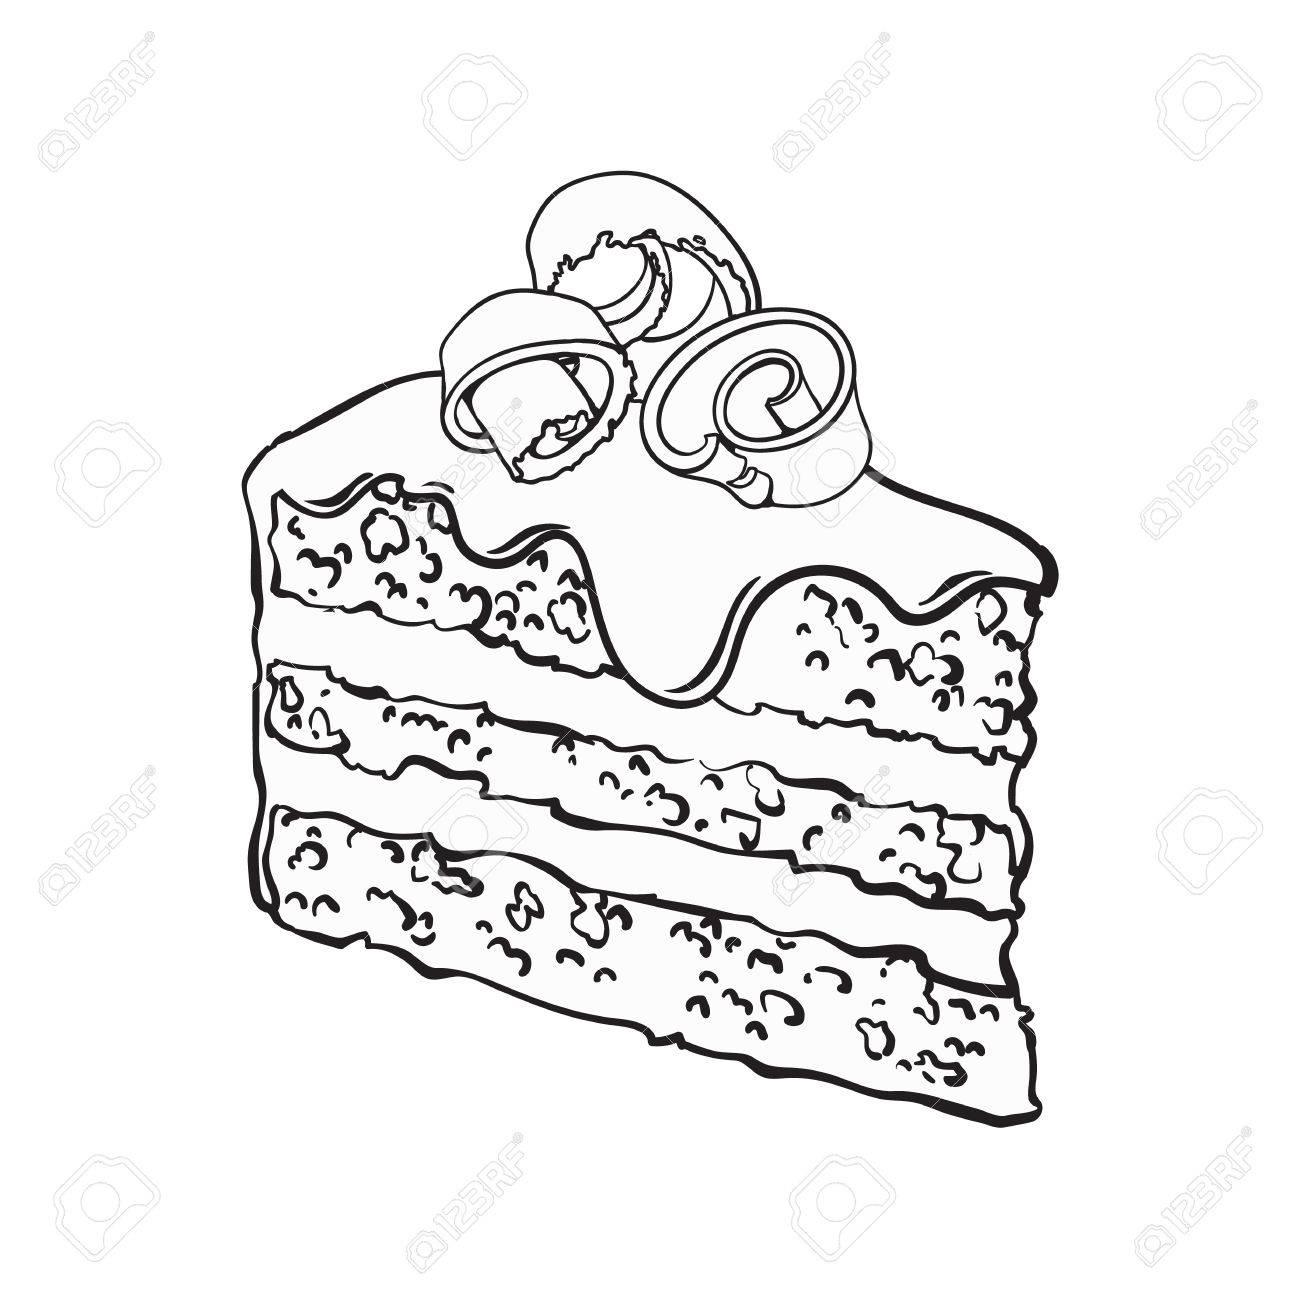 Morceau Dessiné à La Main Noir Et Blanc De Couche De Gâteau Au Chocolat Avec Glaçage Et Copeaux Illustration De Vecteur De Style Croquis Isolé Sur